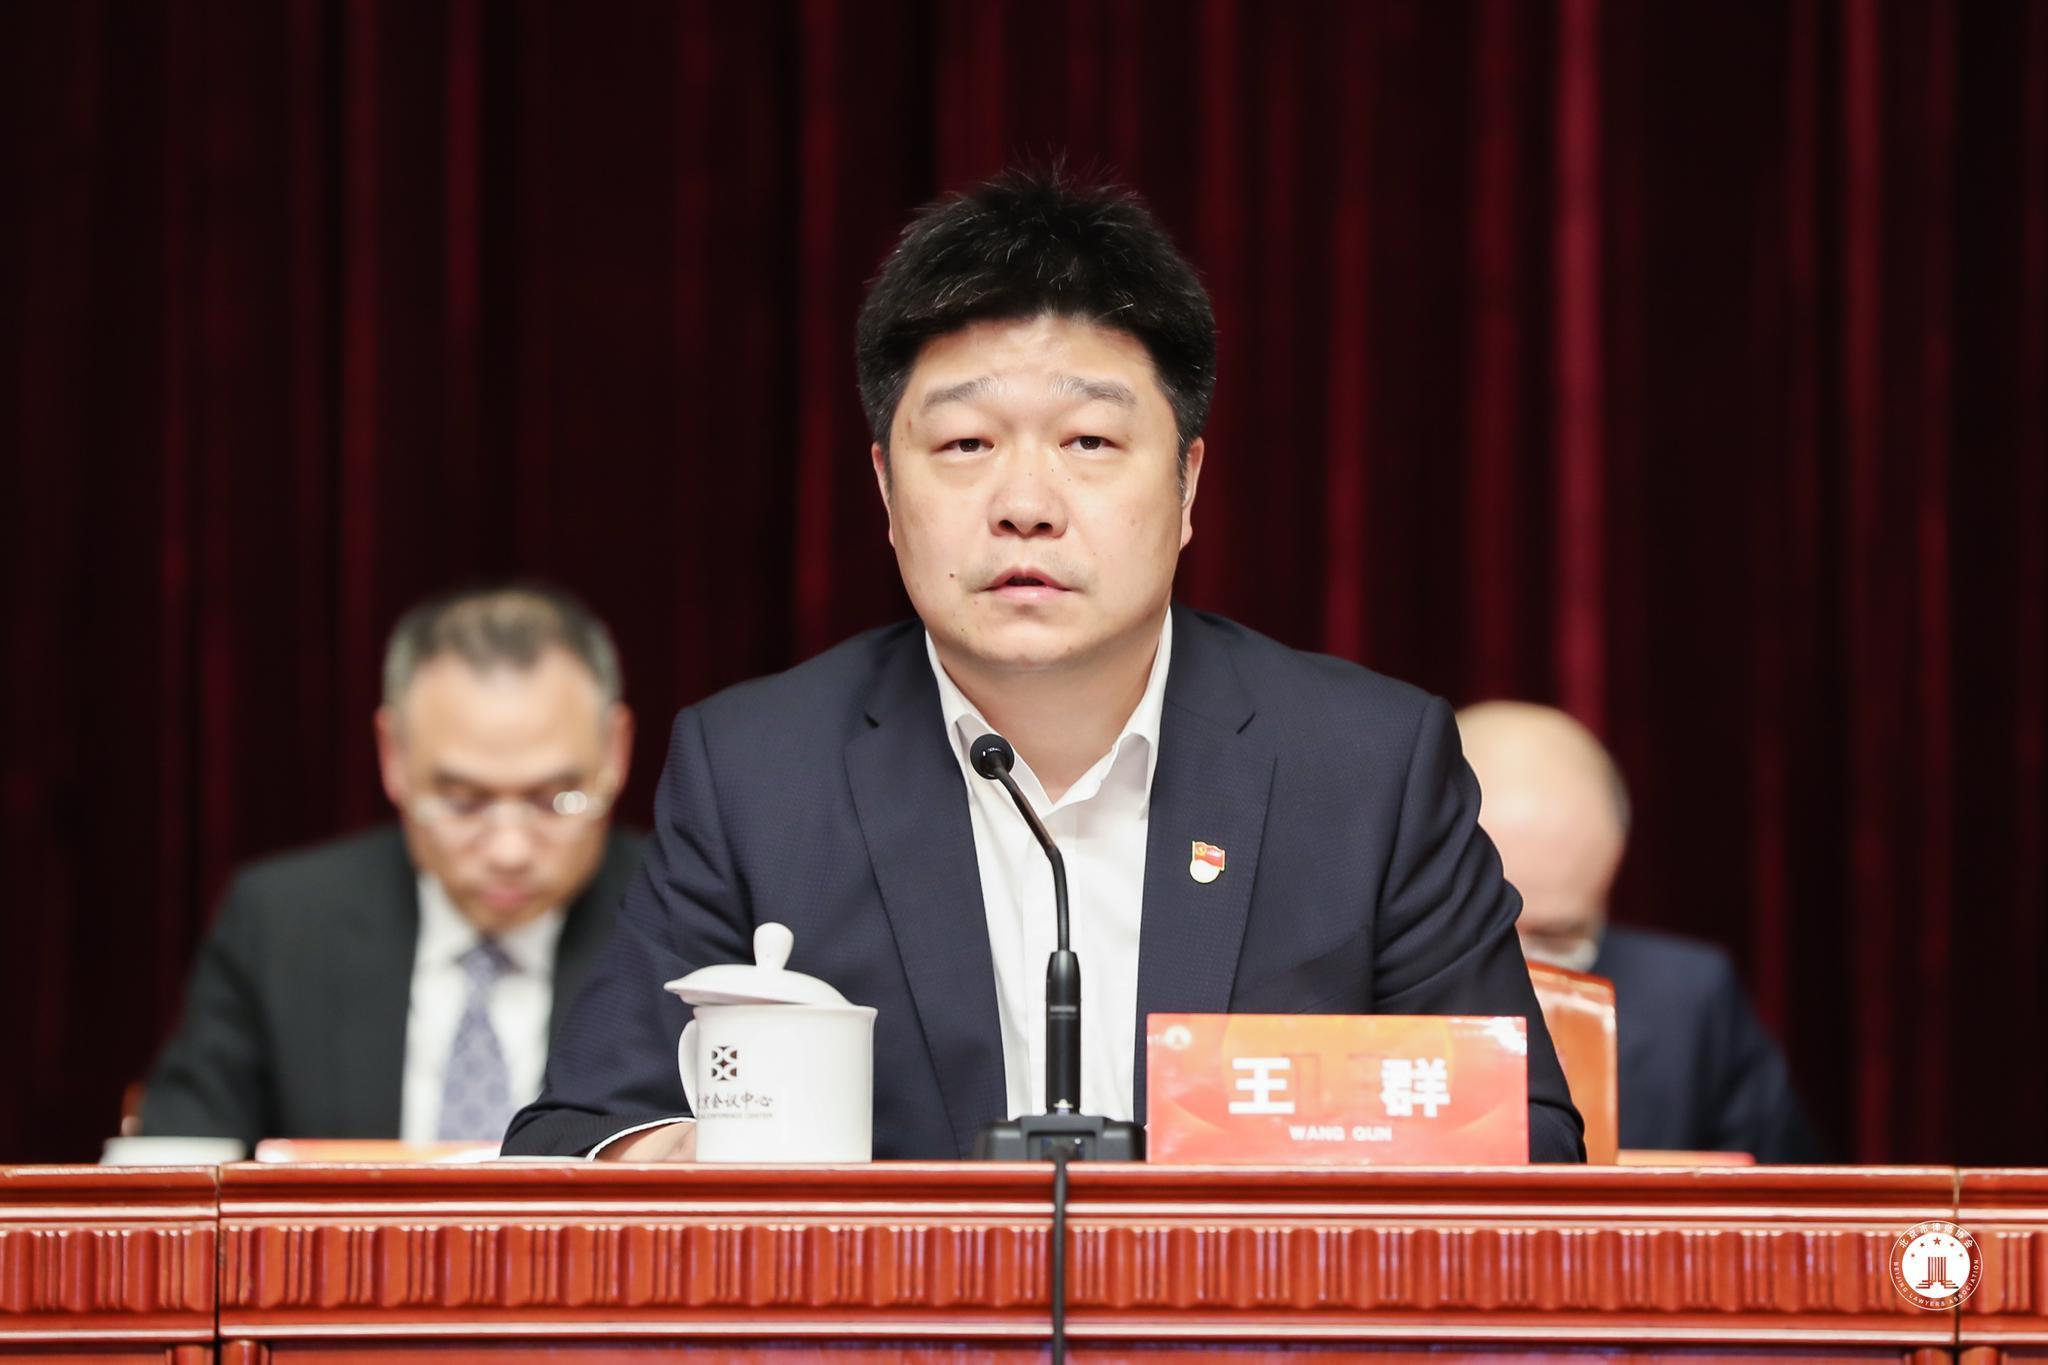 建设高素质的首都律师队伍,北京律师行业推进突出问题专项治理